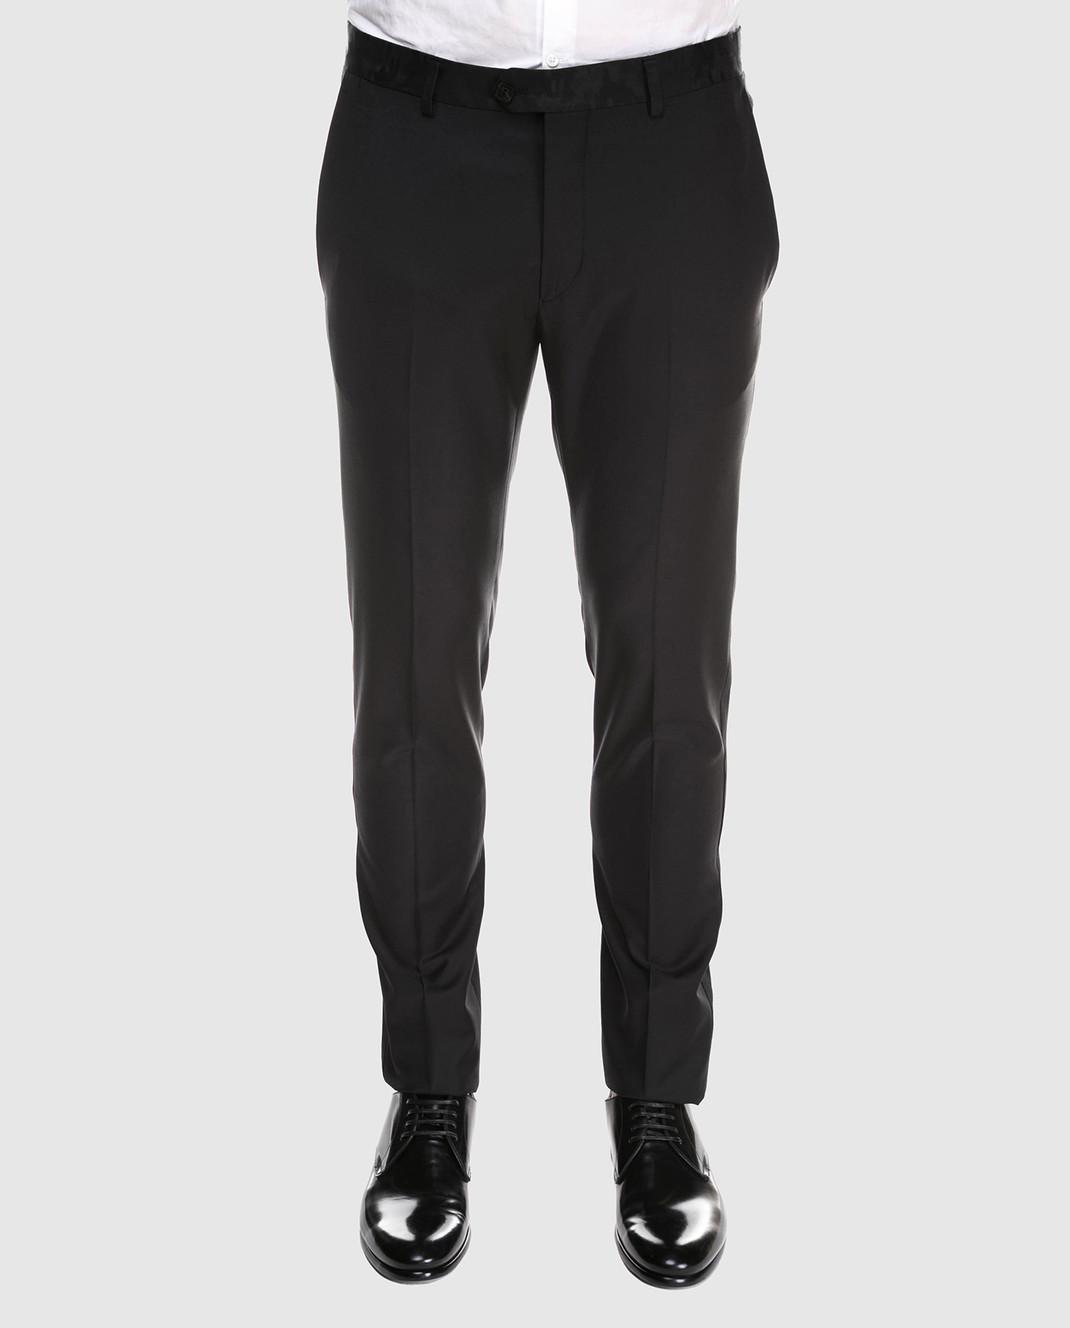 Billionaire Черные брюки MRT0320 изображение 3